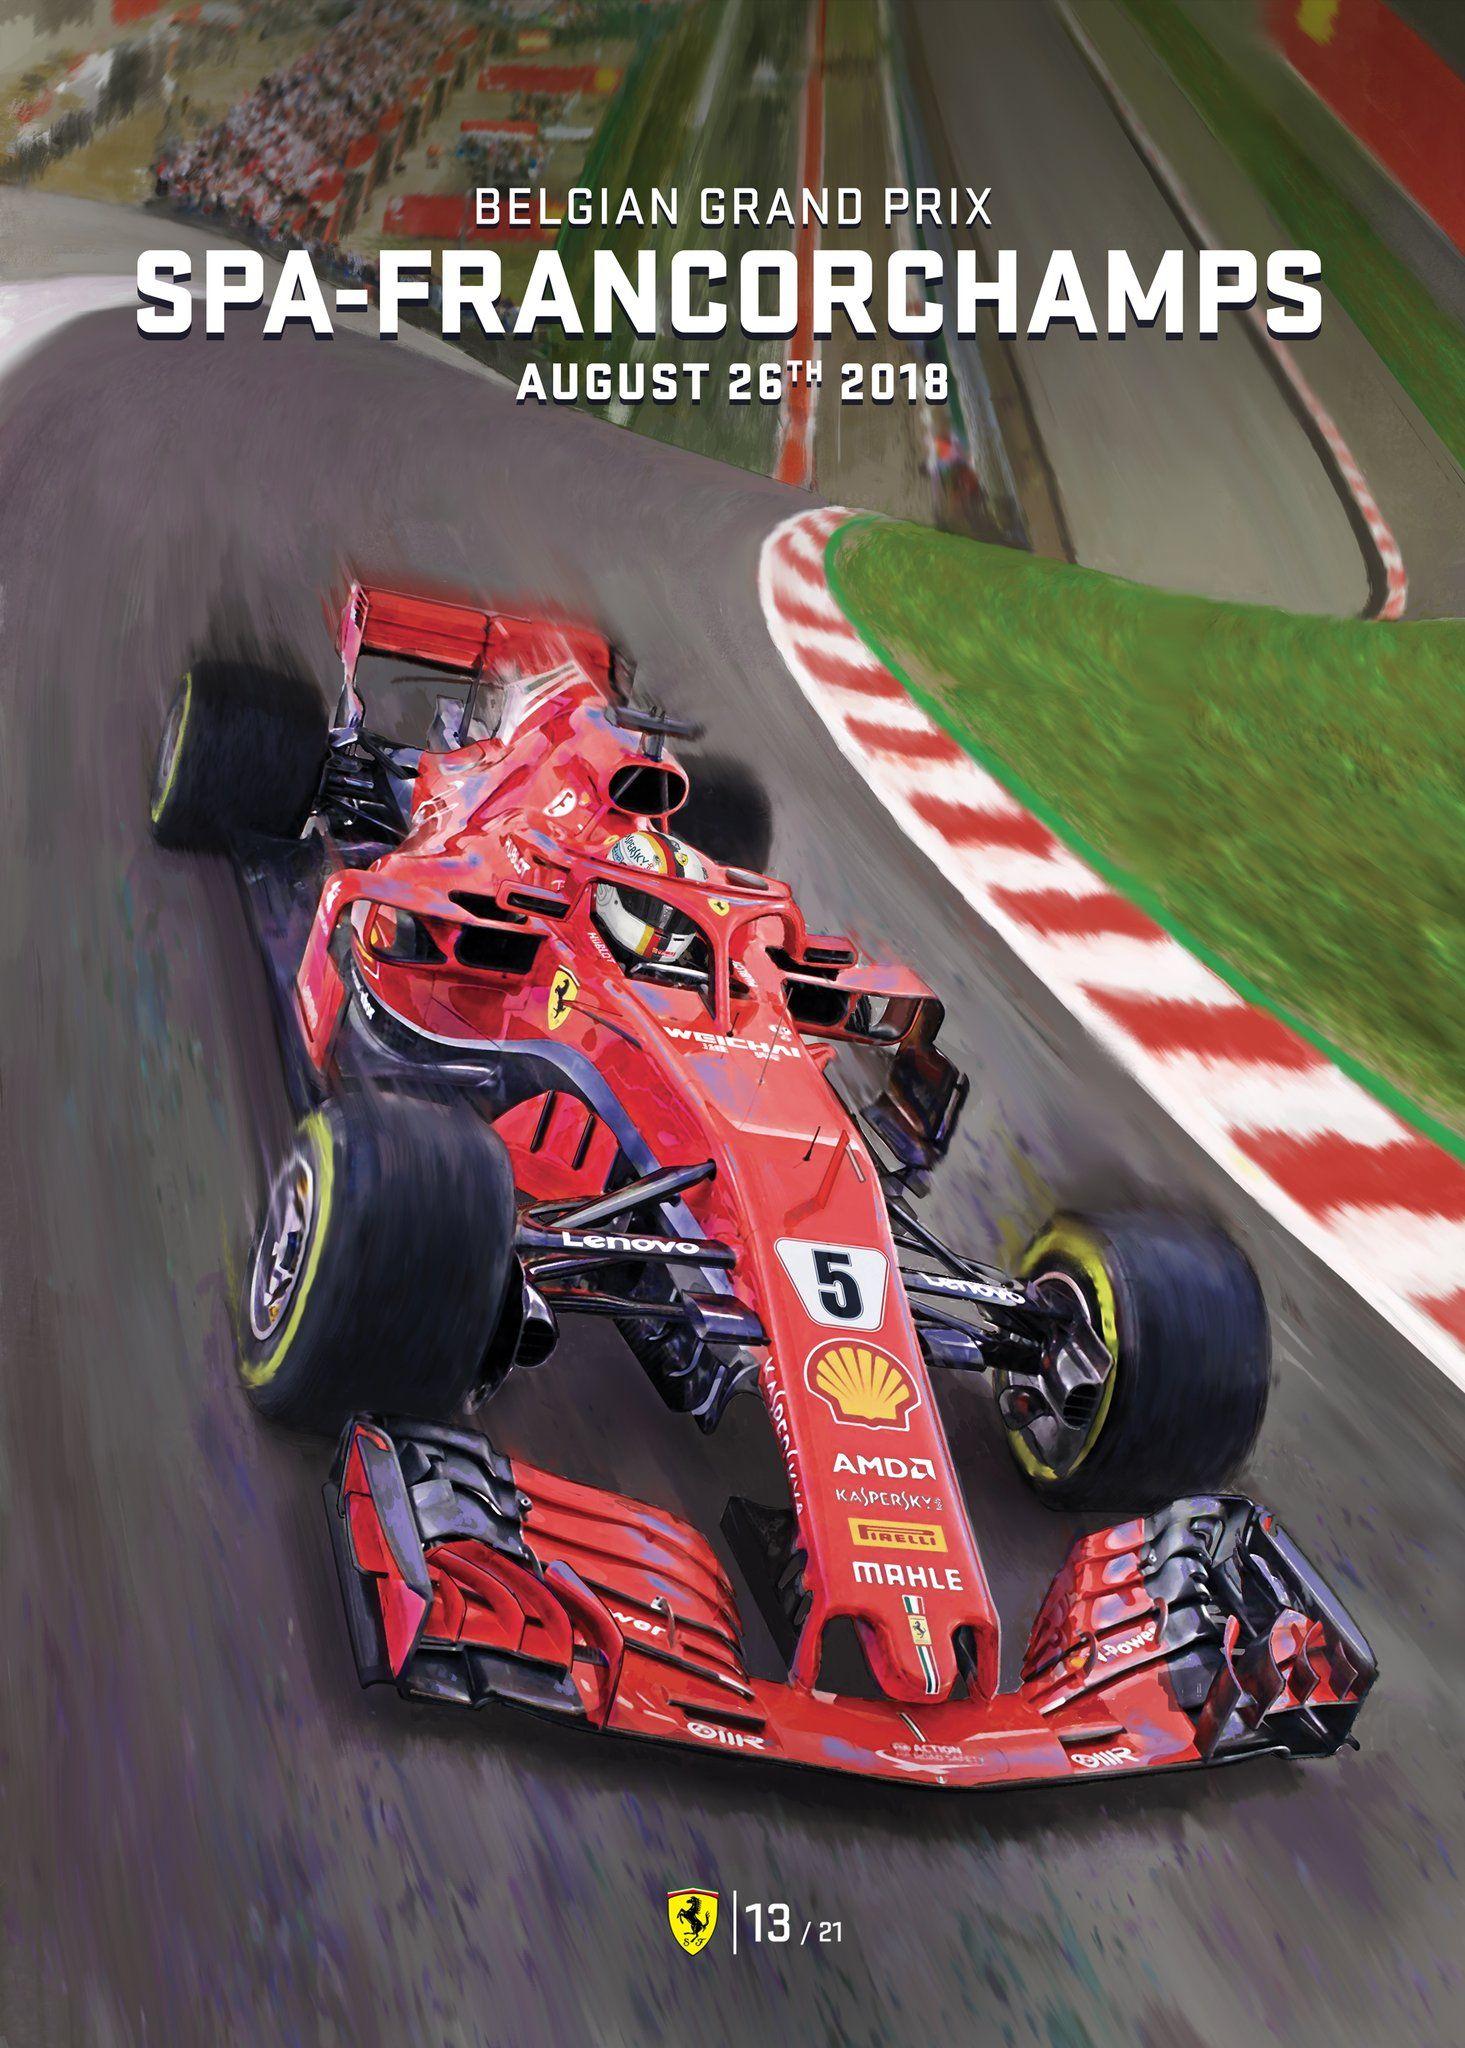 Scuderia Ferrari On With Images Grand Prix Posters Belgium